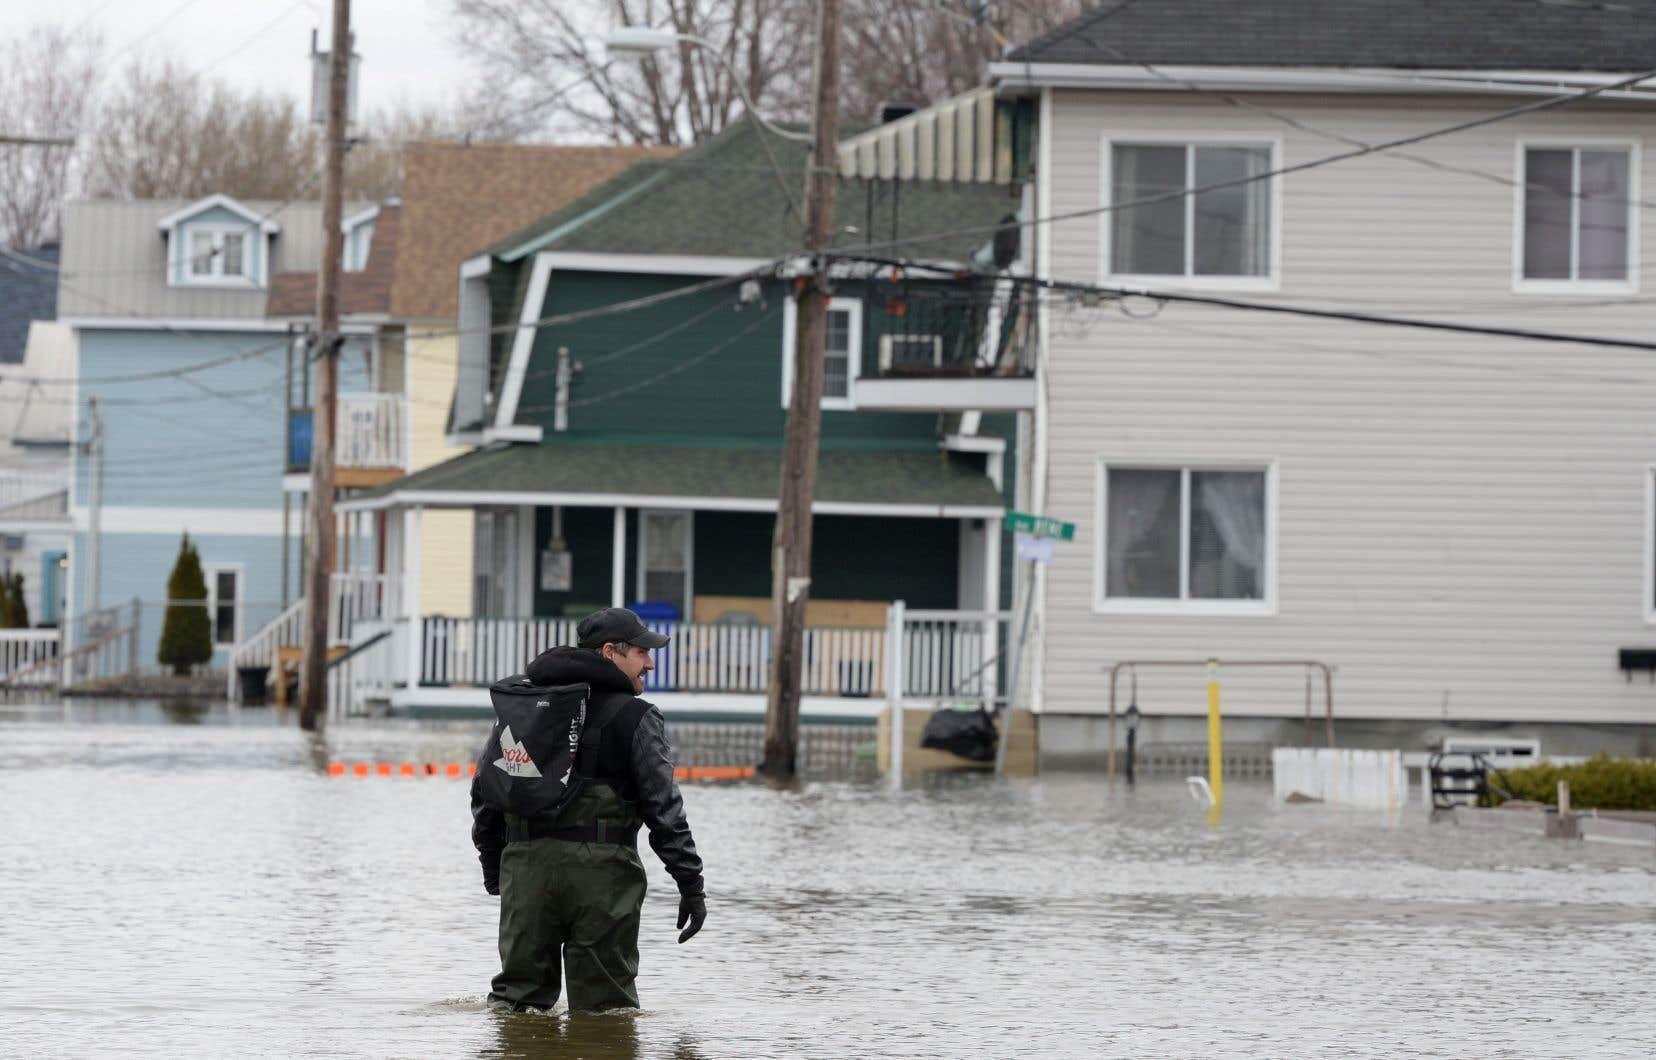 Le calme régnait dans les rues inondées de Gatineau jeudi.